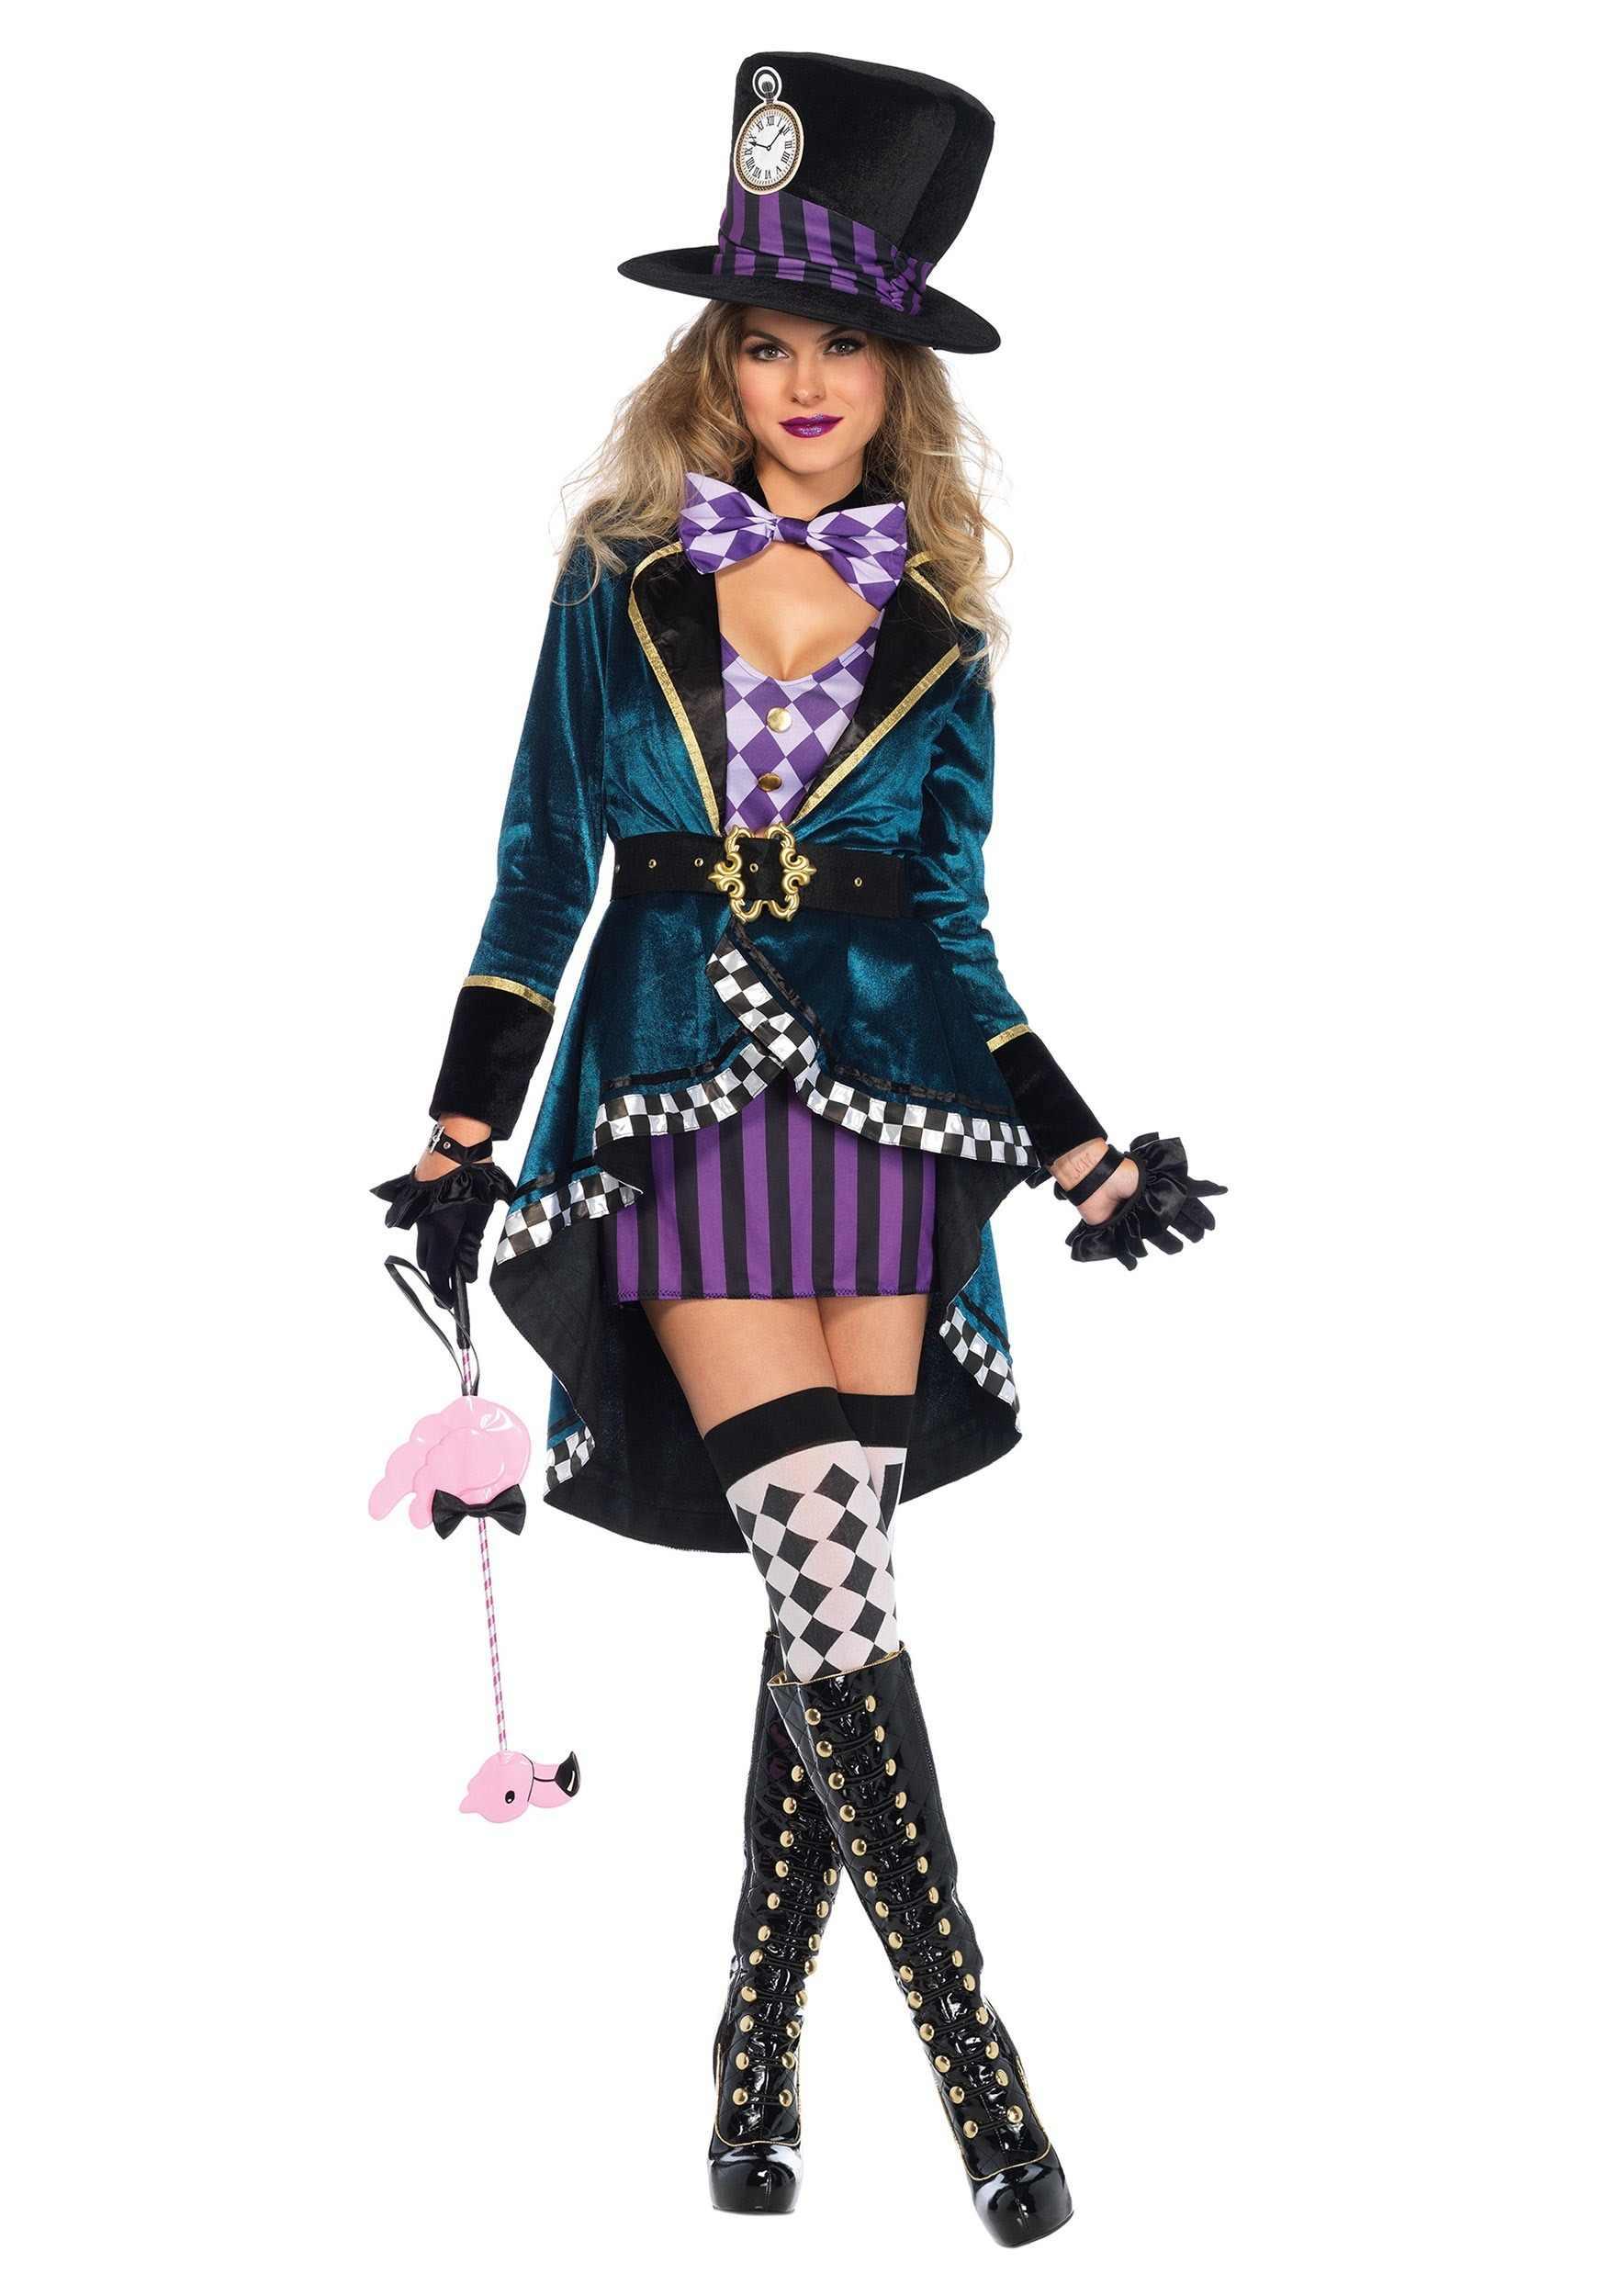 Взрослый Алиса в стране чудес фантазия Костюм безумного Шляпника костюмы на Хэллоуин для женщин; Большие размеры